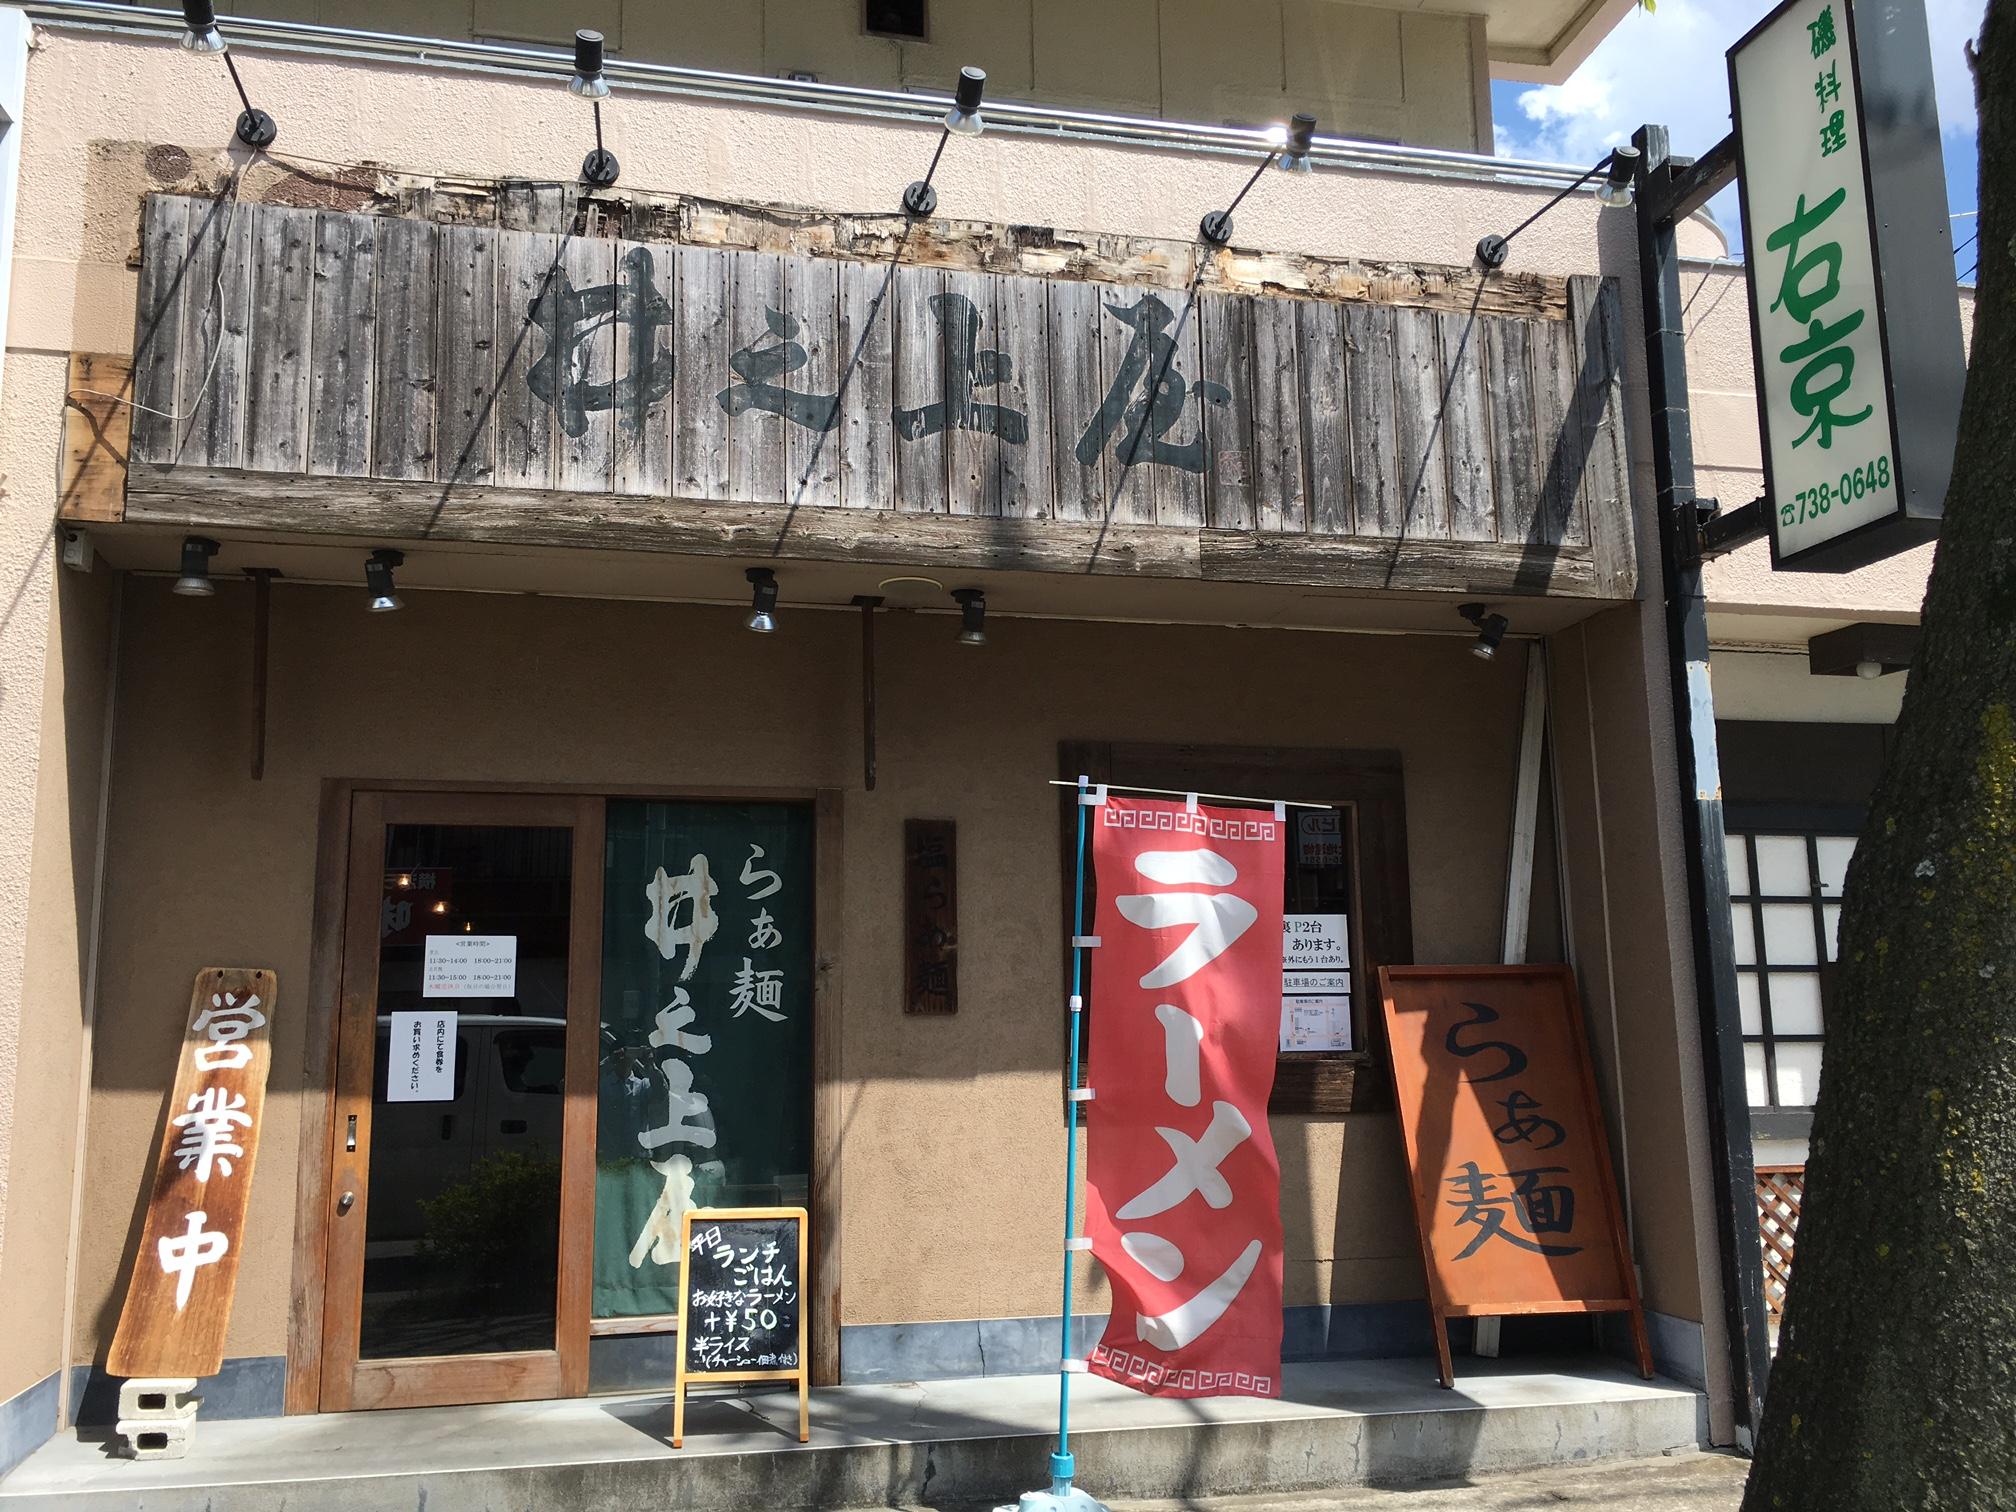 井之上屋 (埼玉県春日部市、ラーメン・つけ麺)